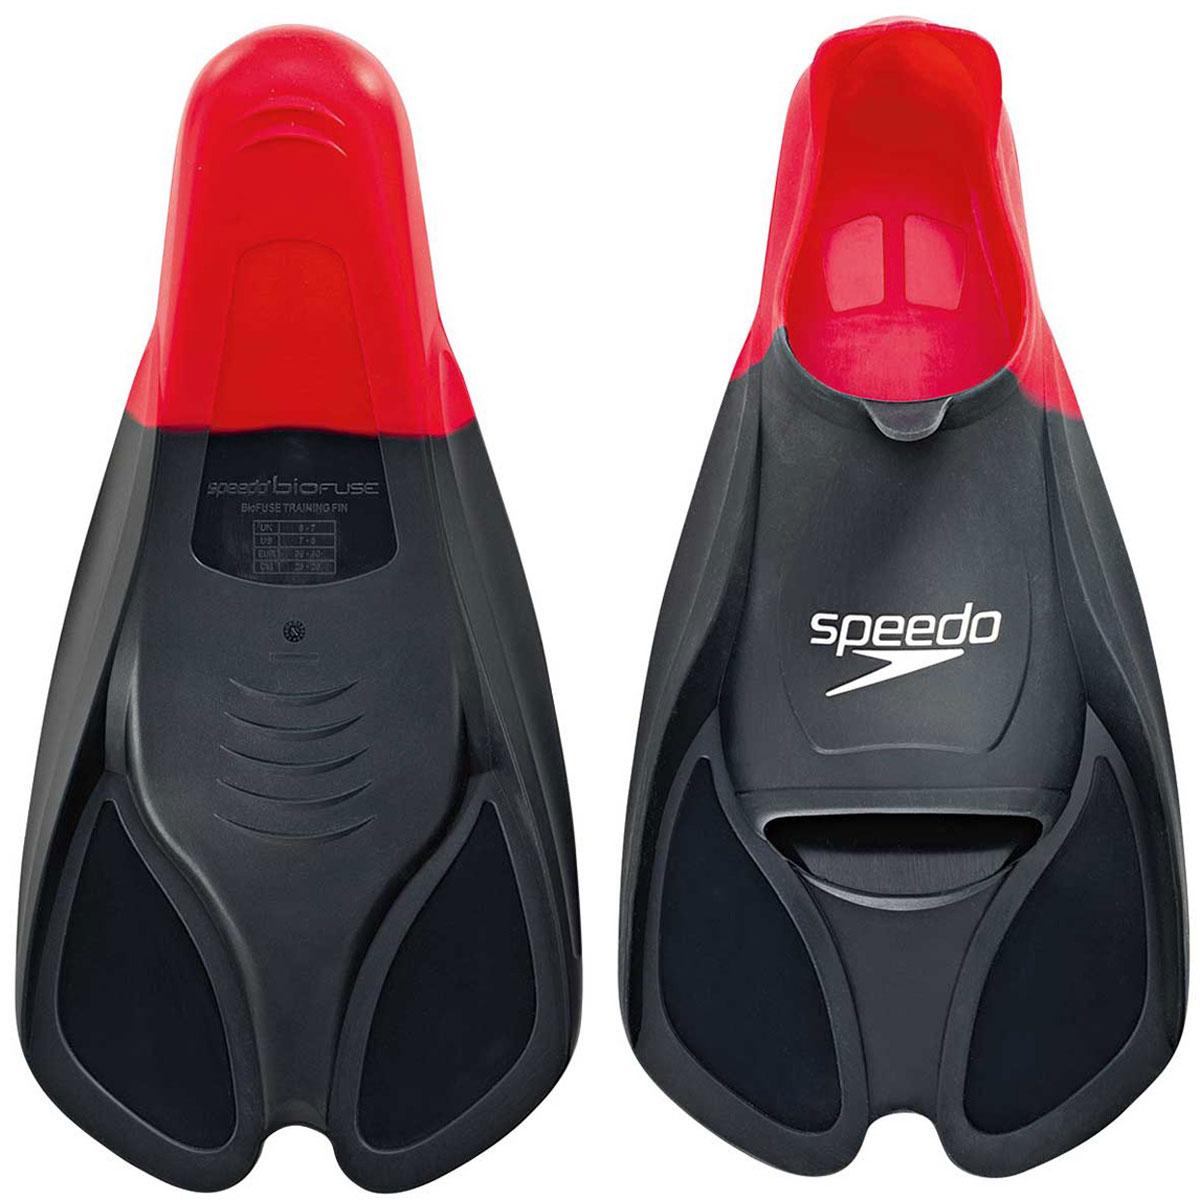 Ласты для плавания Speedo, цвет: красный. Размер 11-12. 8-0884139918-088413991_красный(11-12)Speedo Biofuse Training Fins являются незаменимым аксессуаром для тренировки силы ног, при создании которого использовалась технология SpeedoBiofuse®. Не случайно эти ласты для плавания предпочитает использовать многократный олимпийский чемпион Майкл Фелпс. Достаточно жесткие лопасти позволяют создать мощную тягу в воде при естественном темпе работы ног. Специальный узор на поверхности подошвы позволяет получить надежное сцепление с поверхностью бассейна. Форма башмака Speedo Biofuse Training Fin способствует развитию гибкости стопы, что позволяет сделать работу ног более эффективной. Башмак изготовлен из мягкого силикона, который не натирает кожу и прекрасно растягивается. Ласты для плавания Speedo Biofuse Tech Fin отлично подходят для тренировки работы ног в спринте, а также для повышения качества работы ног во время обучения плаванию. Специалисты Proswim.ru рекомендуют Speedo Biofuse Training Fin спортсменам-спринтерам, а также всем, кто имеет желание увеличить силу ног. Ласты для...